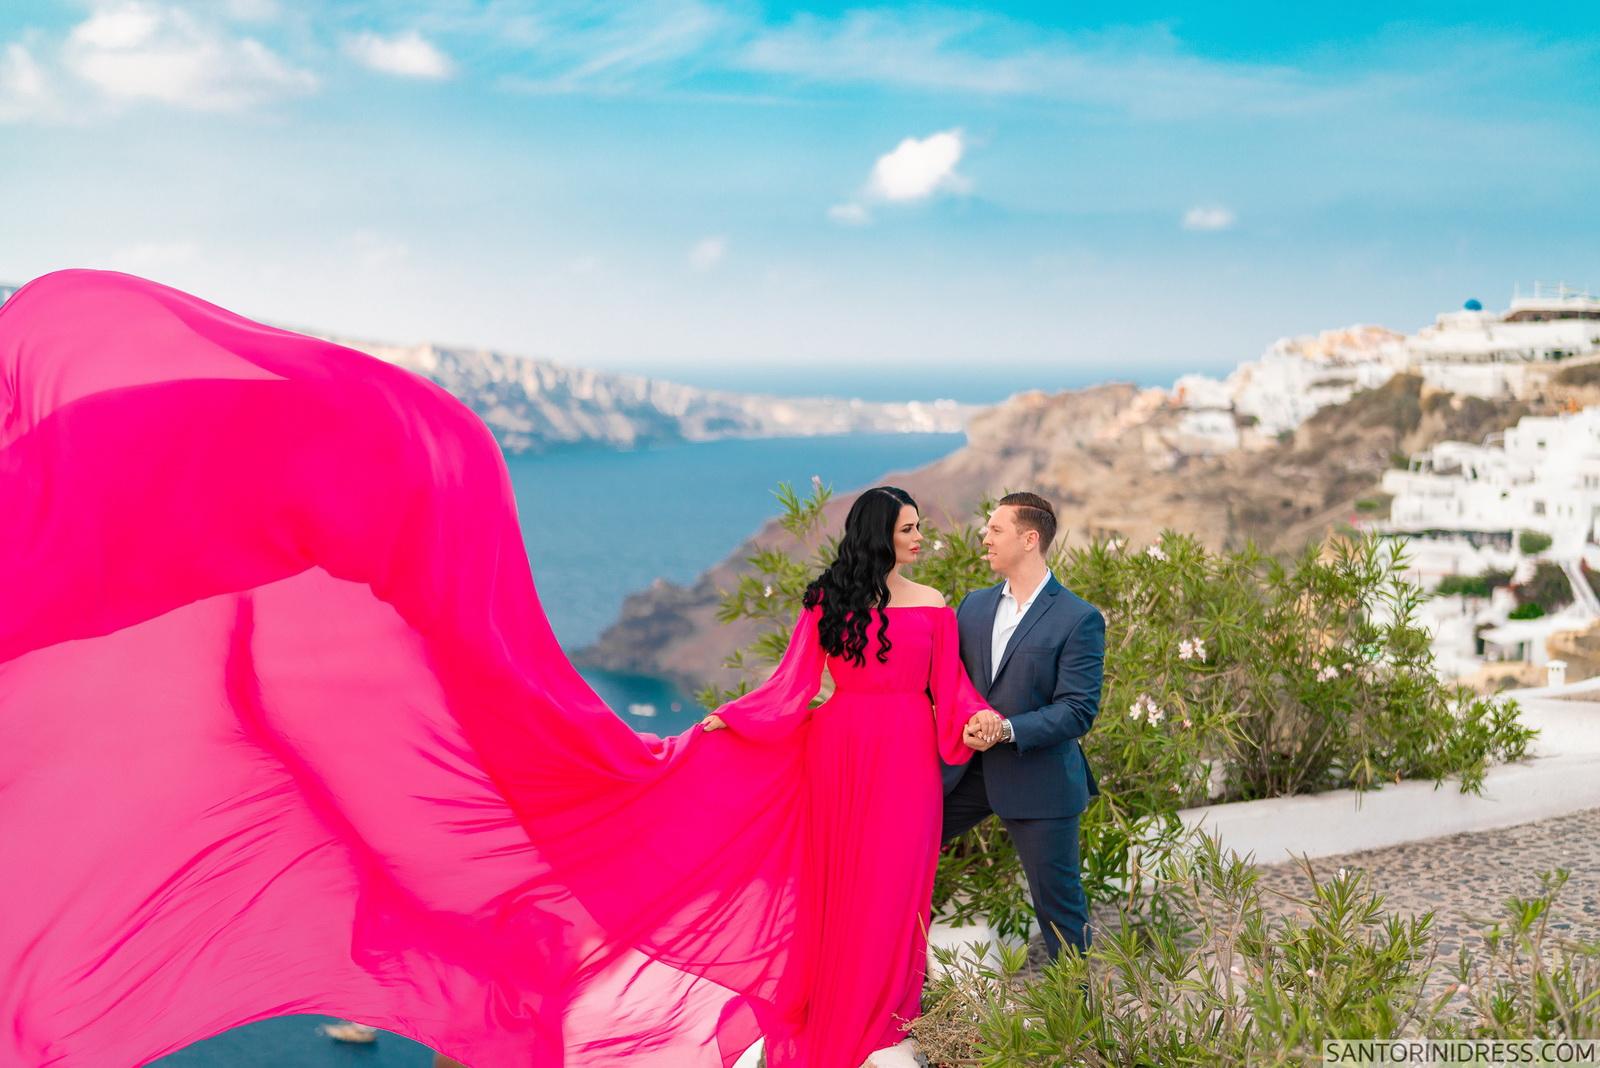 Meredith: свадьба на санторини, свадебное агентство Julia Veselova - Фото 1